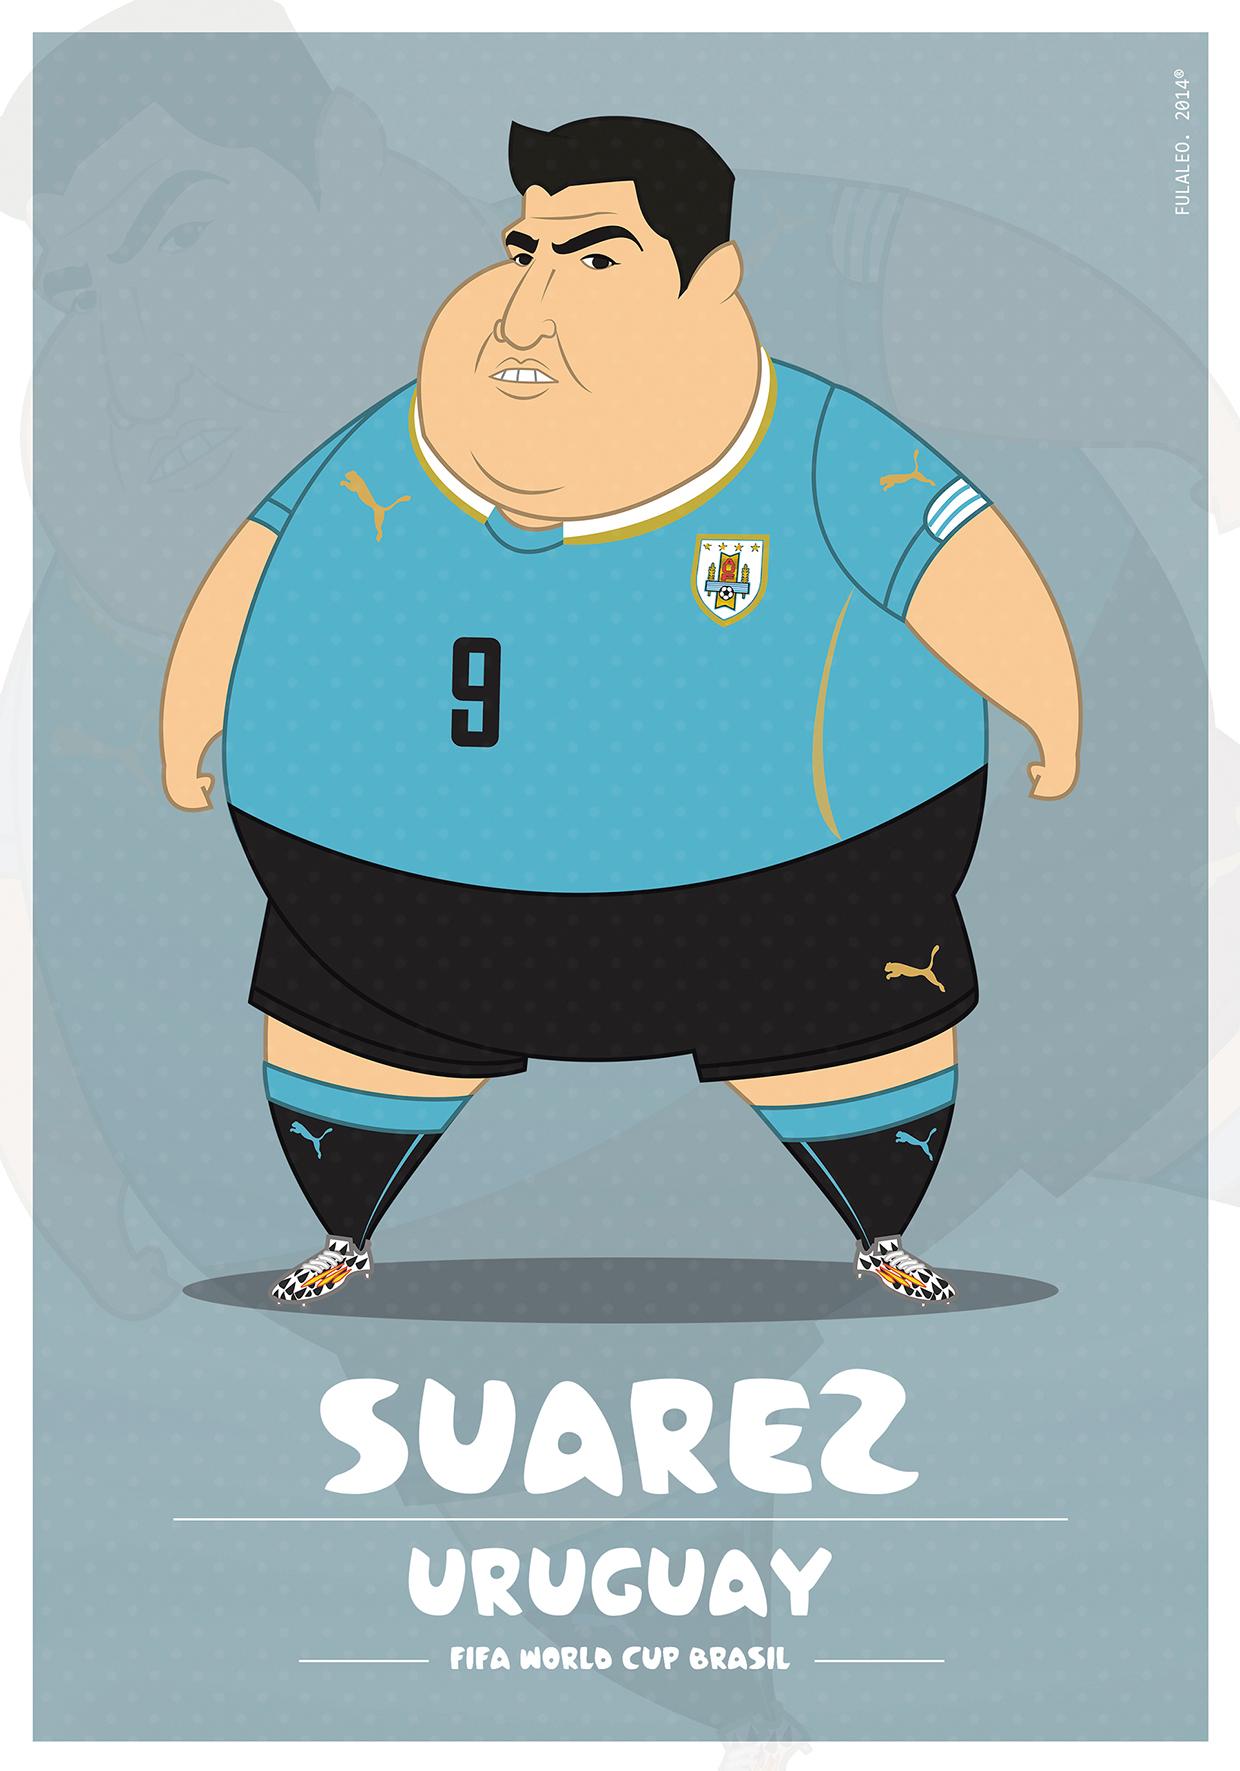 Толстые футболисты чемпионата мира в Бразилии 13